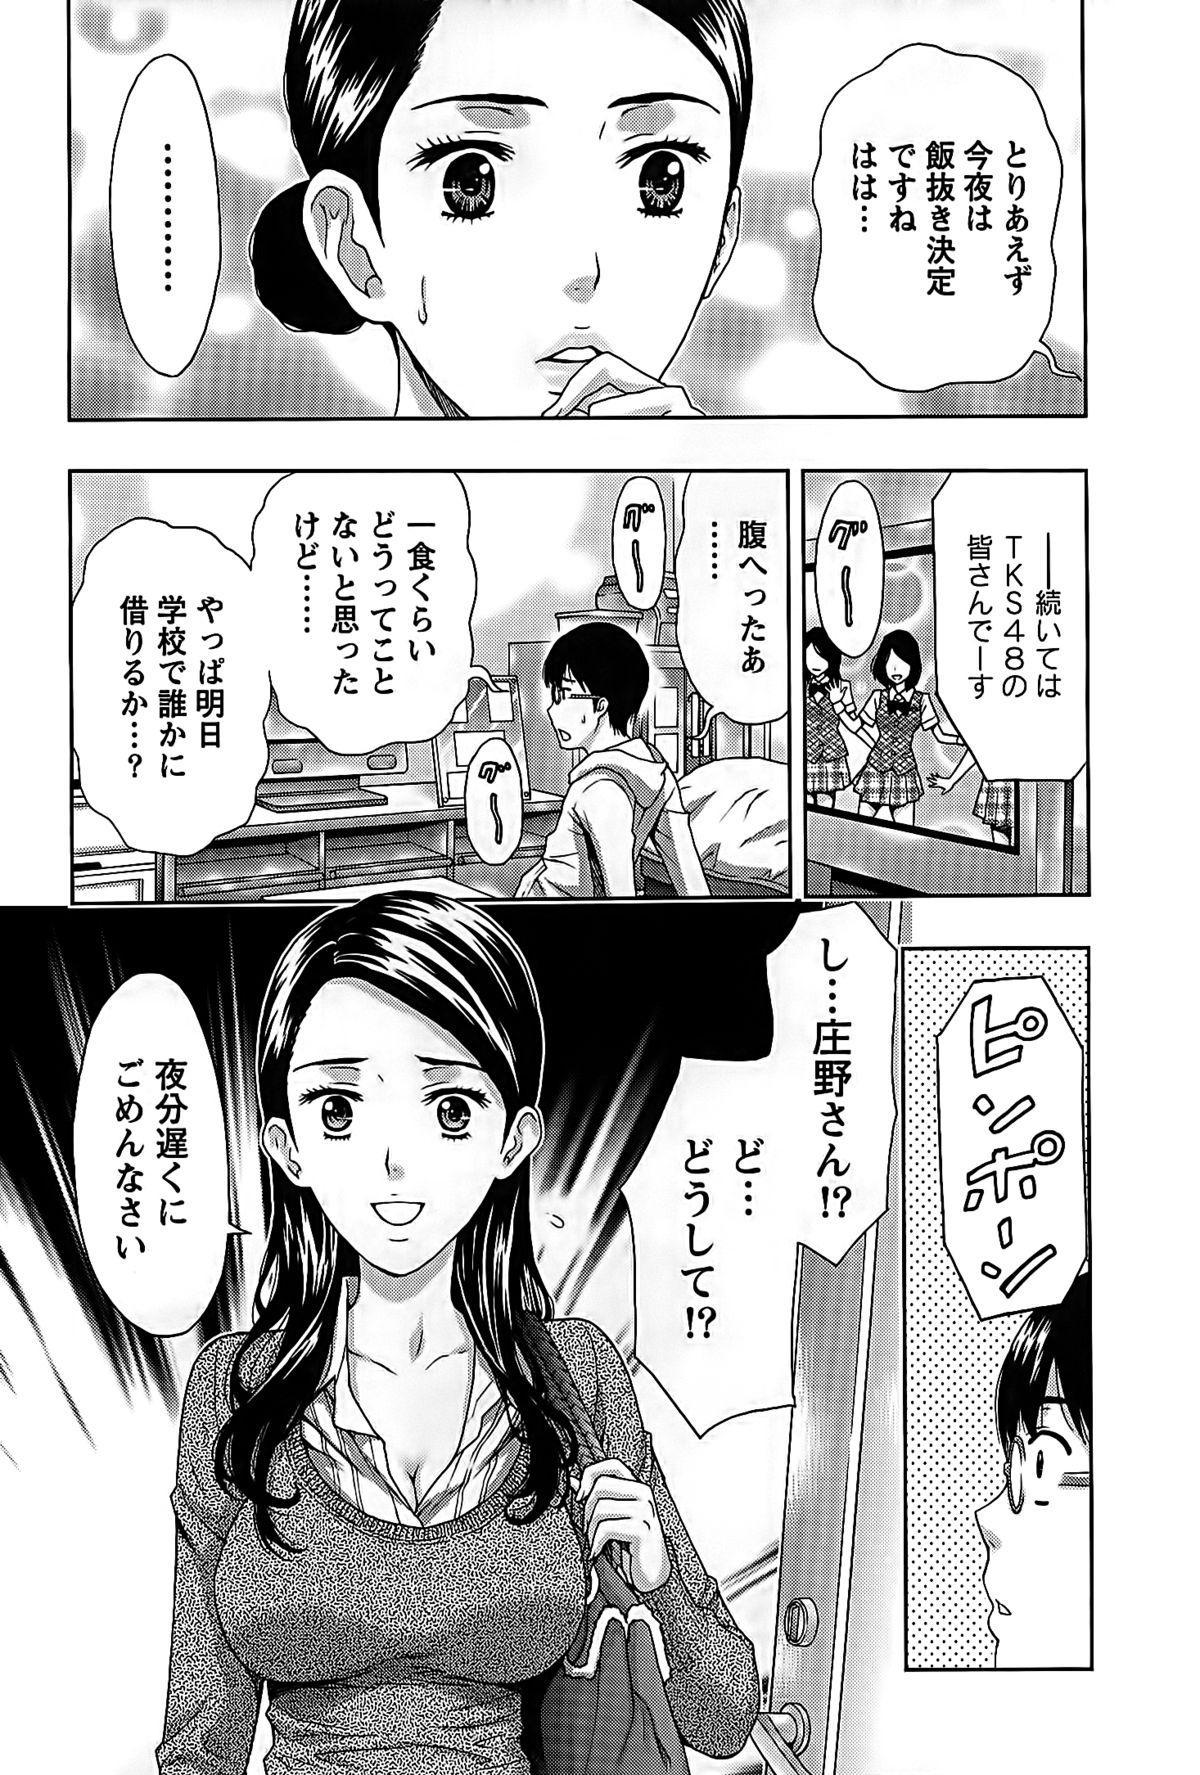 Shittori Lady to Amai Mitsu 51